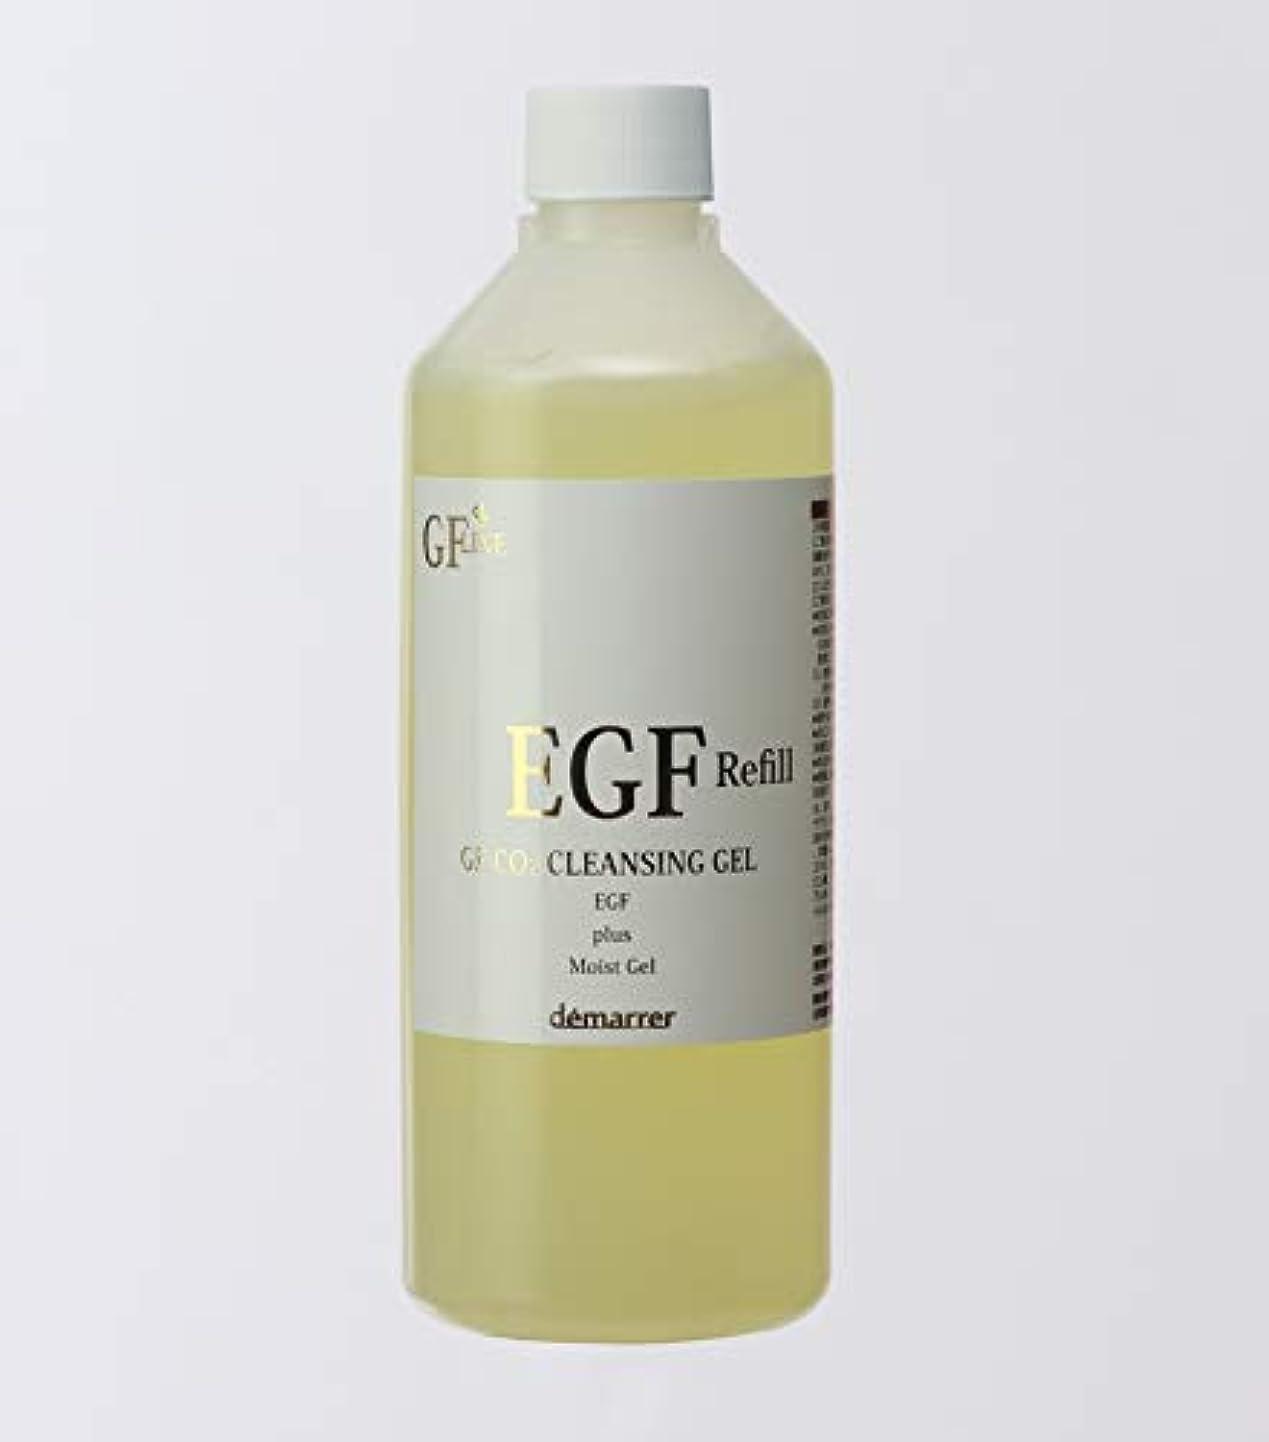 論争困惑デザイナーデマレ GF 炭酸洗顔クレンジング 400g レフィル